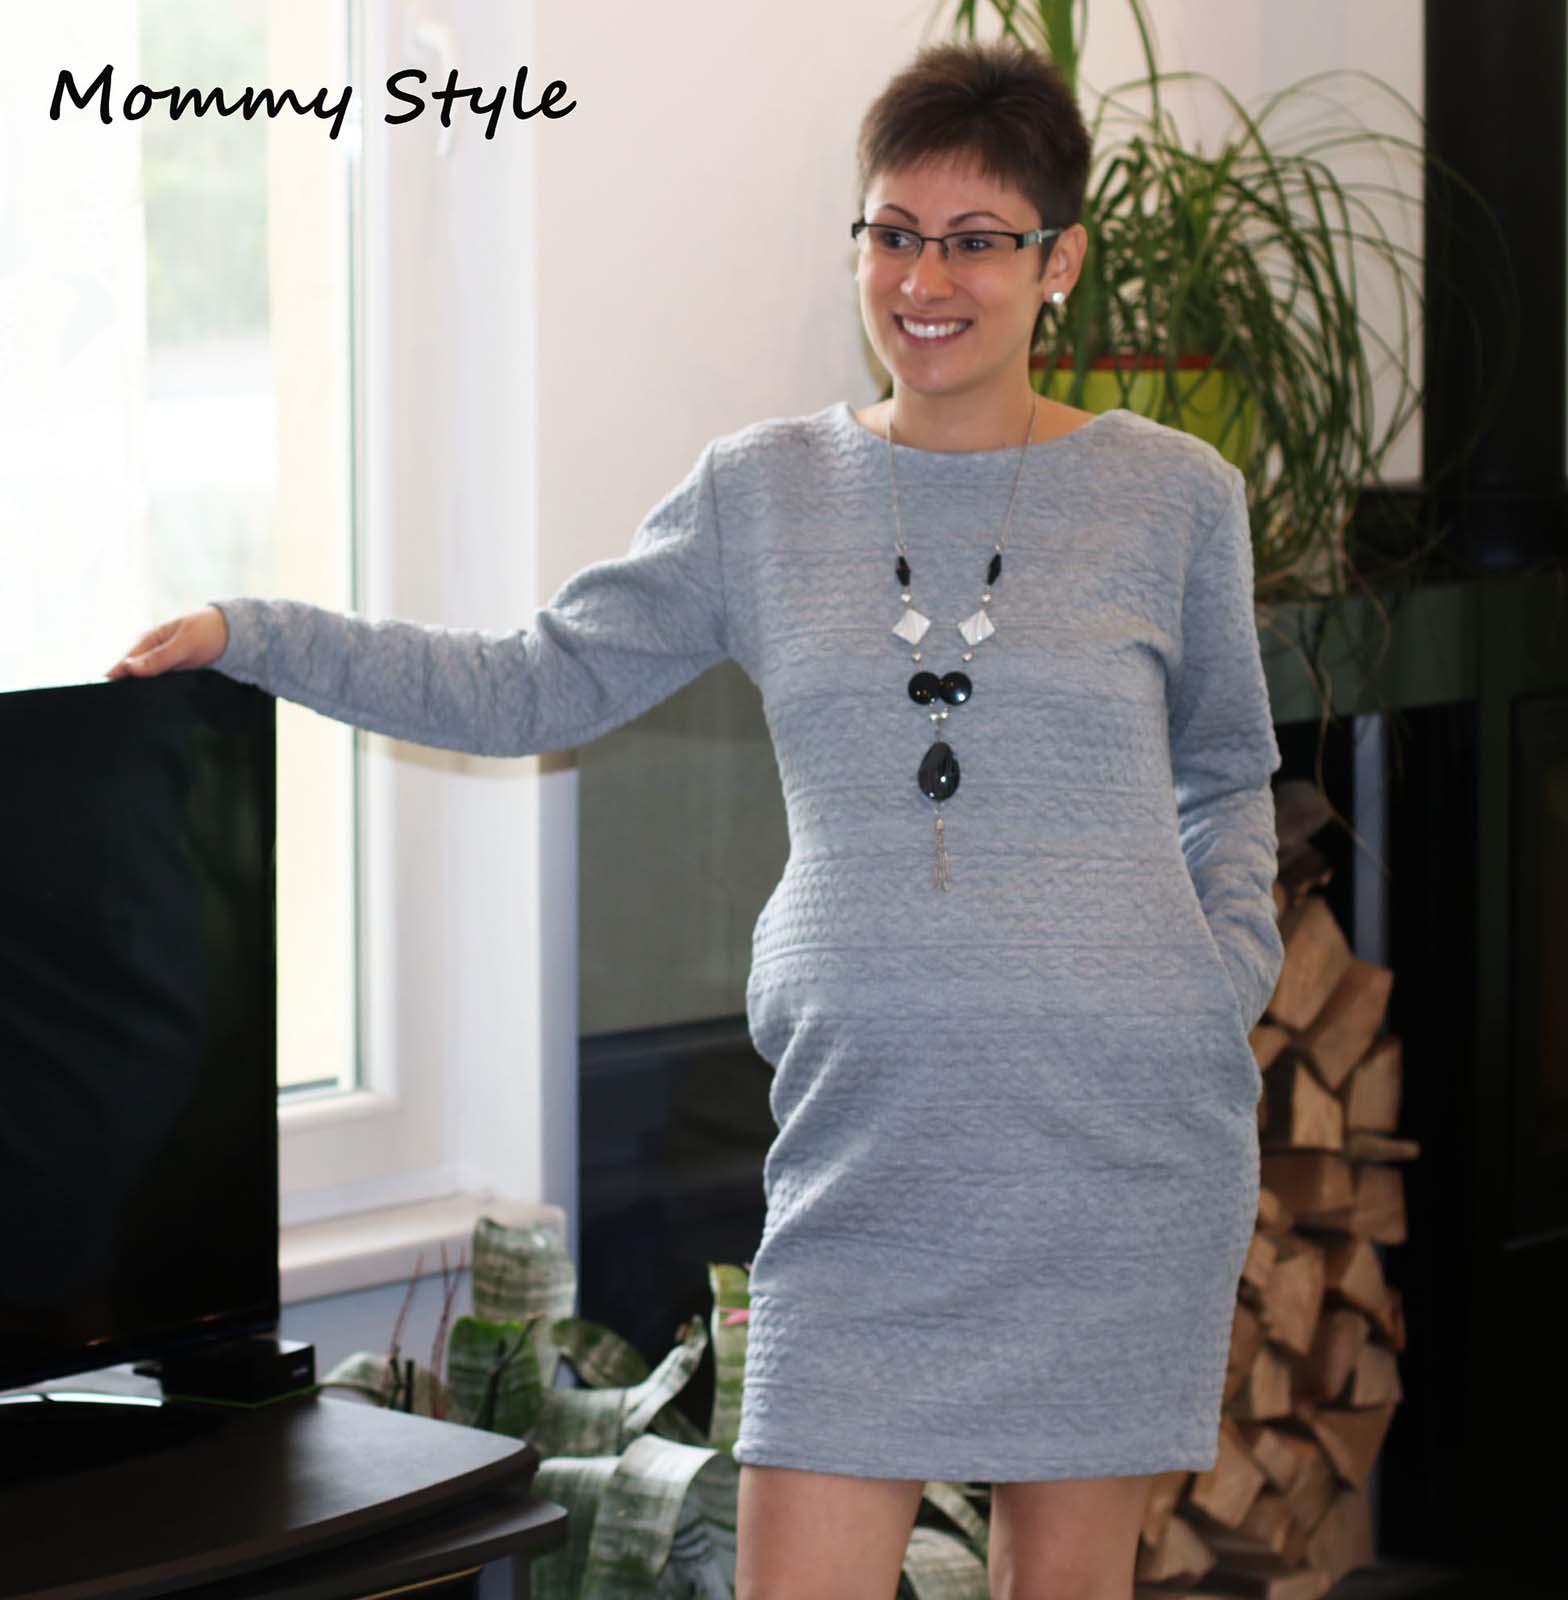 Mommy Style vastag zsebes kismamaruha